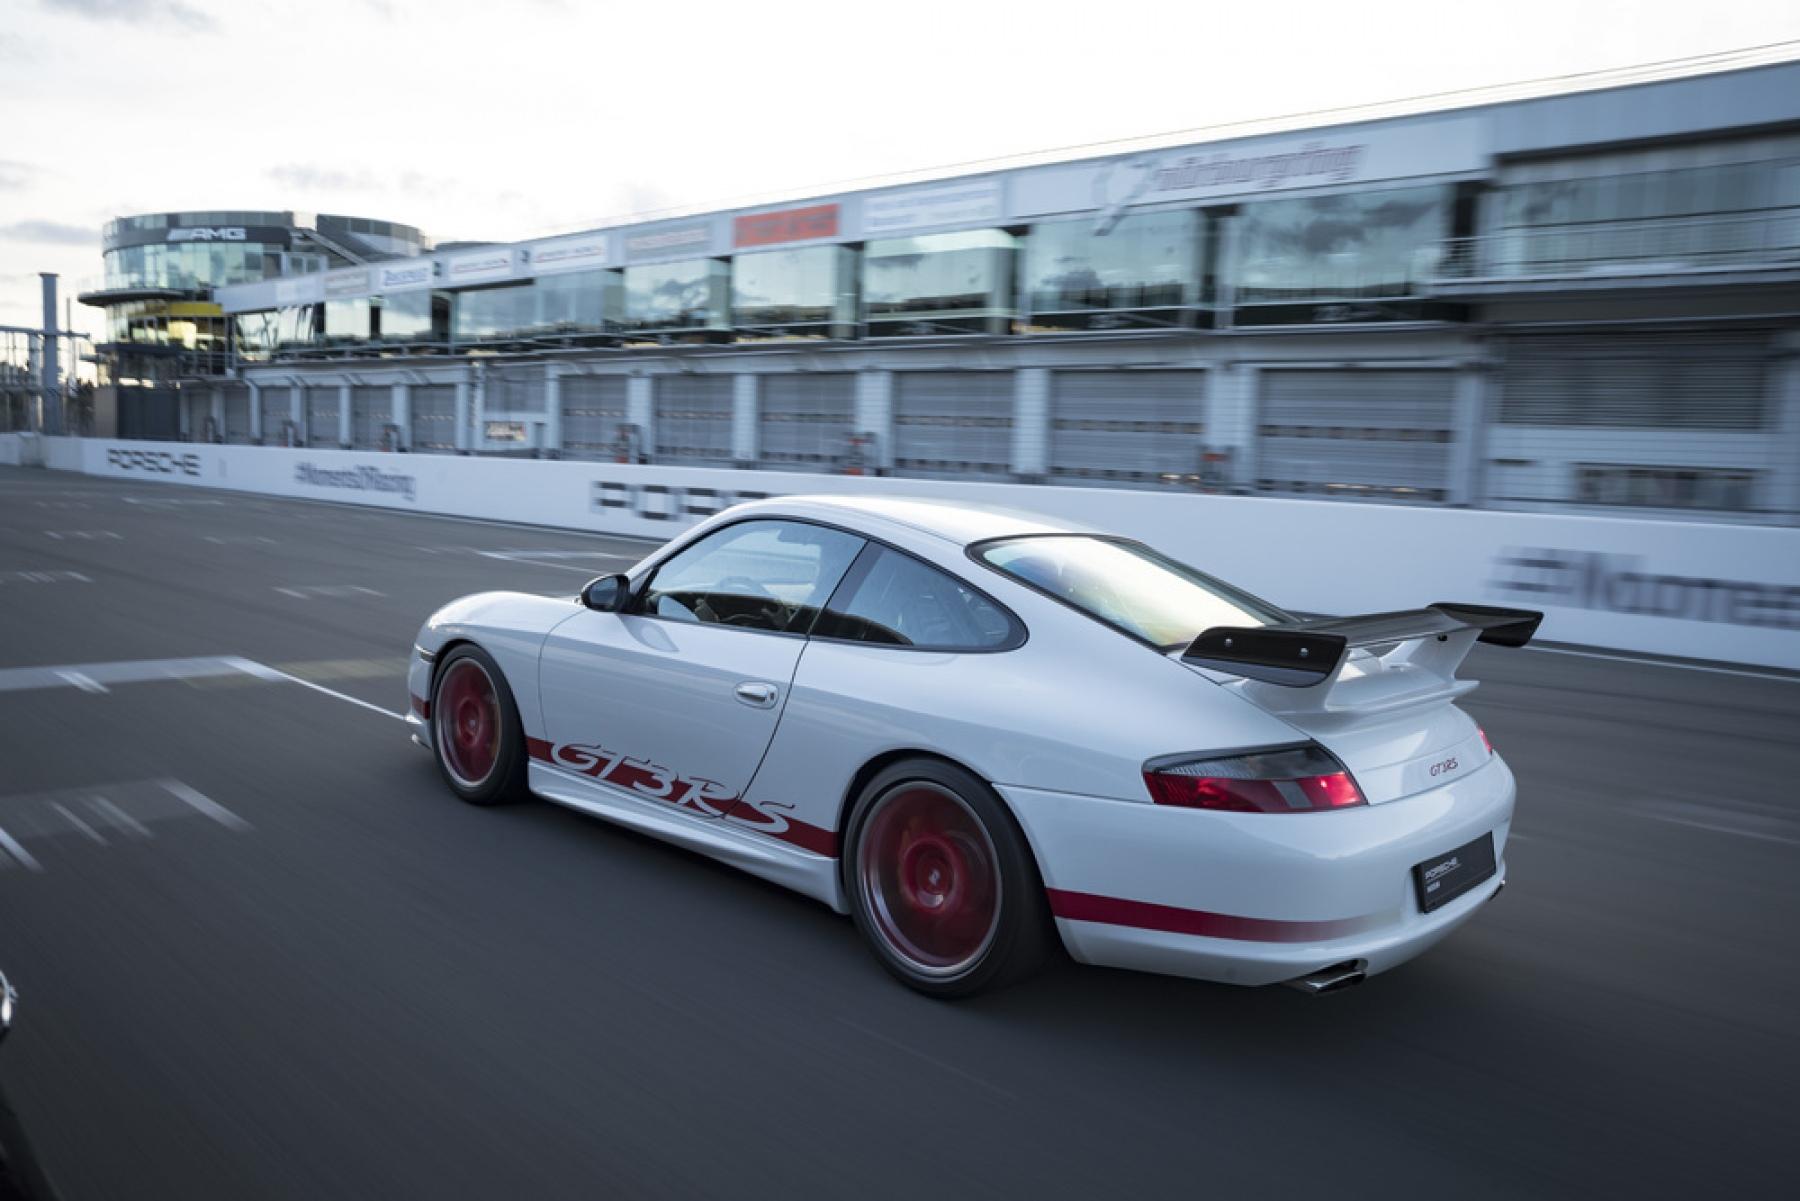 911 Gt3 Rs 996 Porsche 911 Gt3 Rs